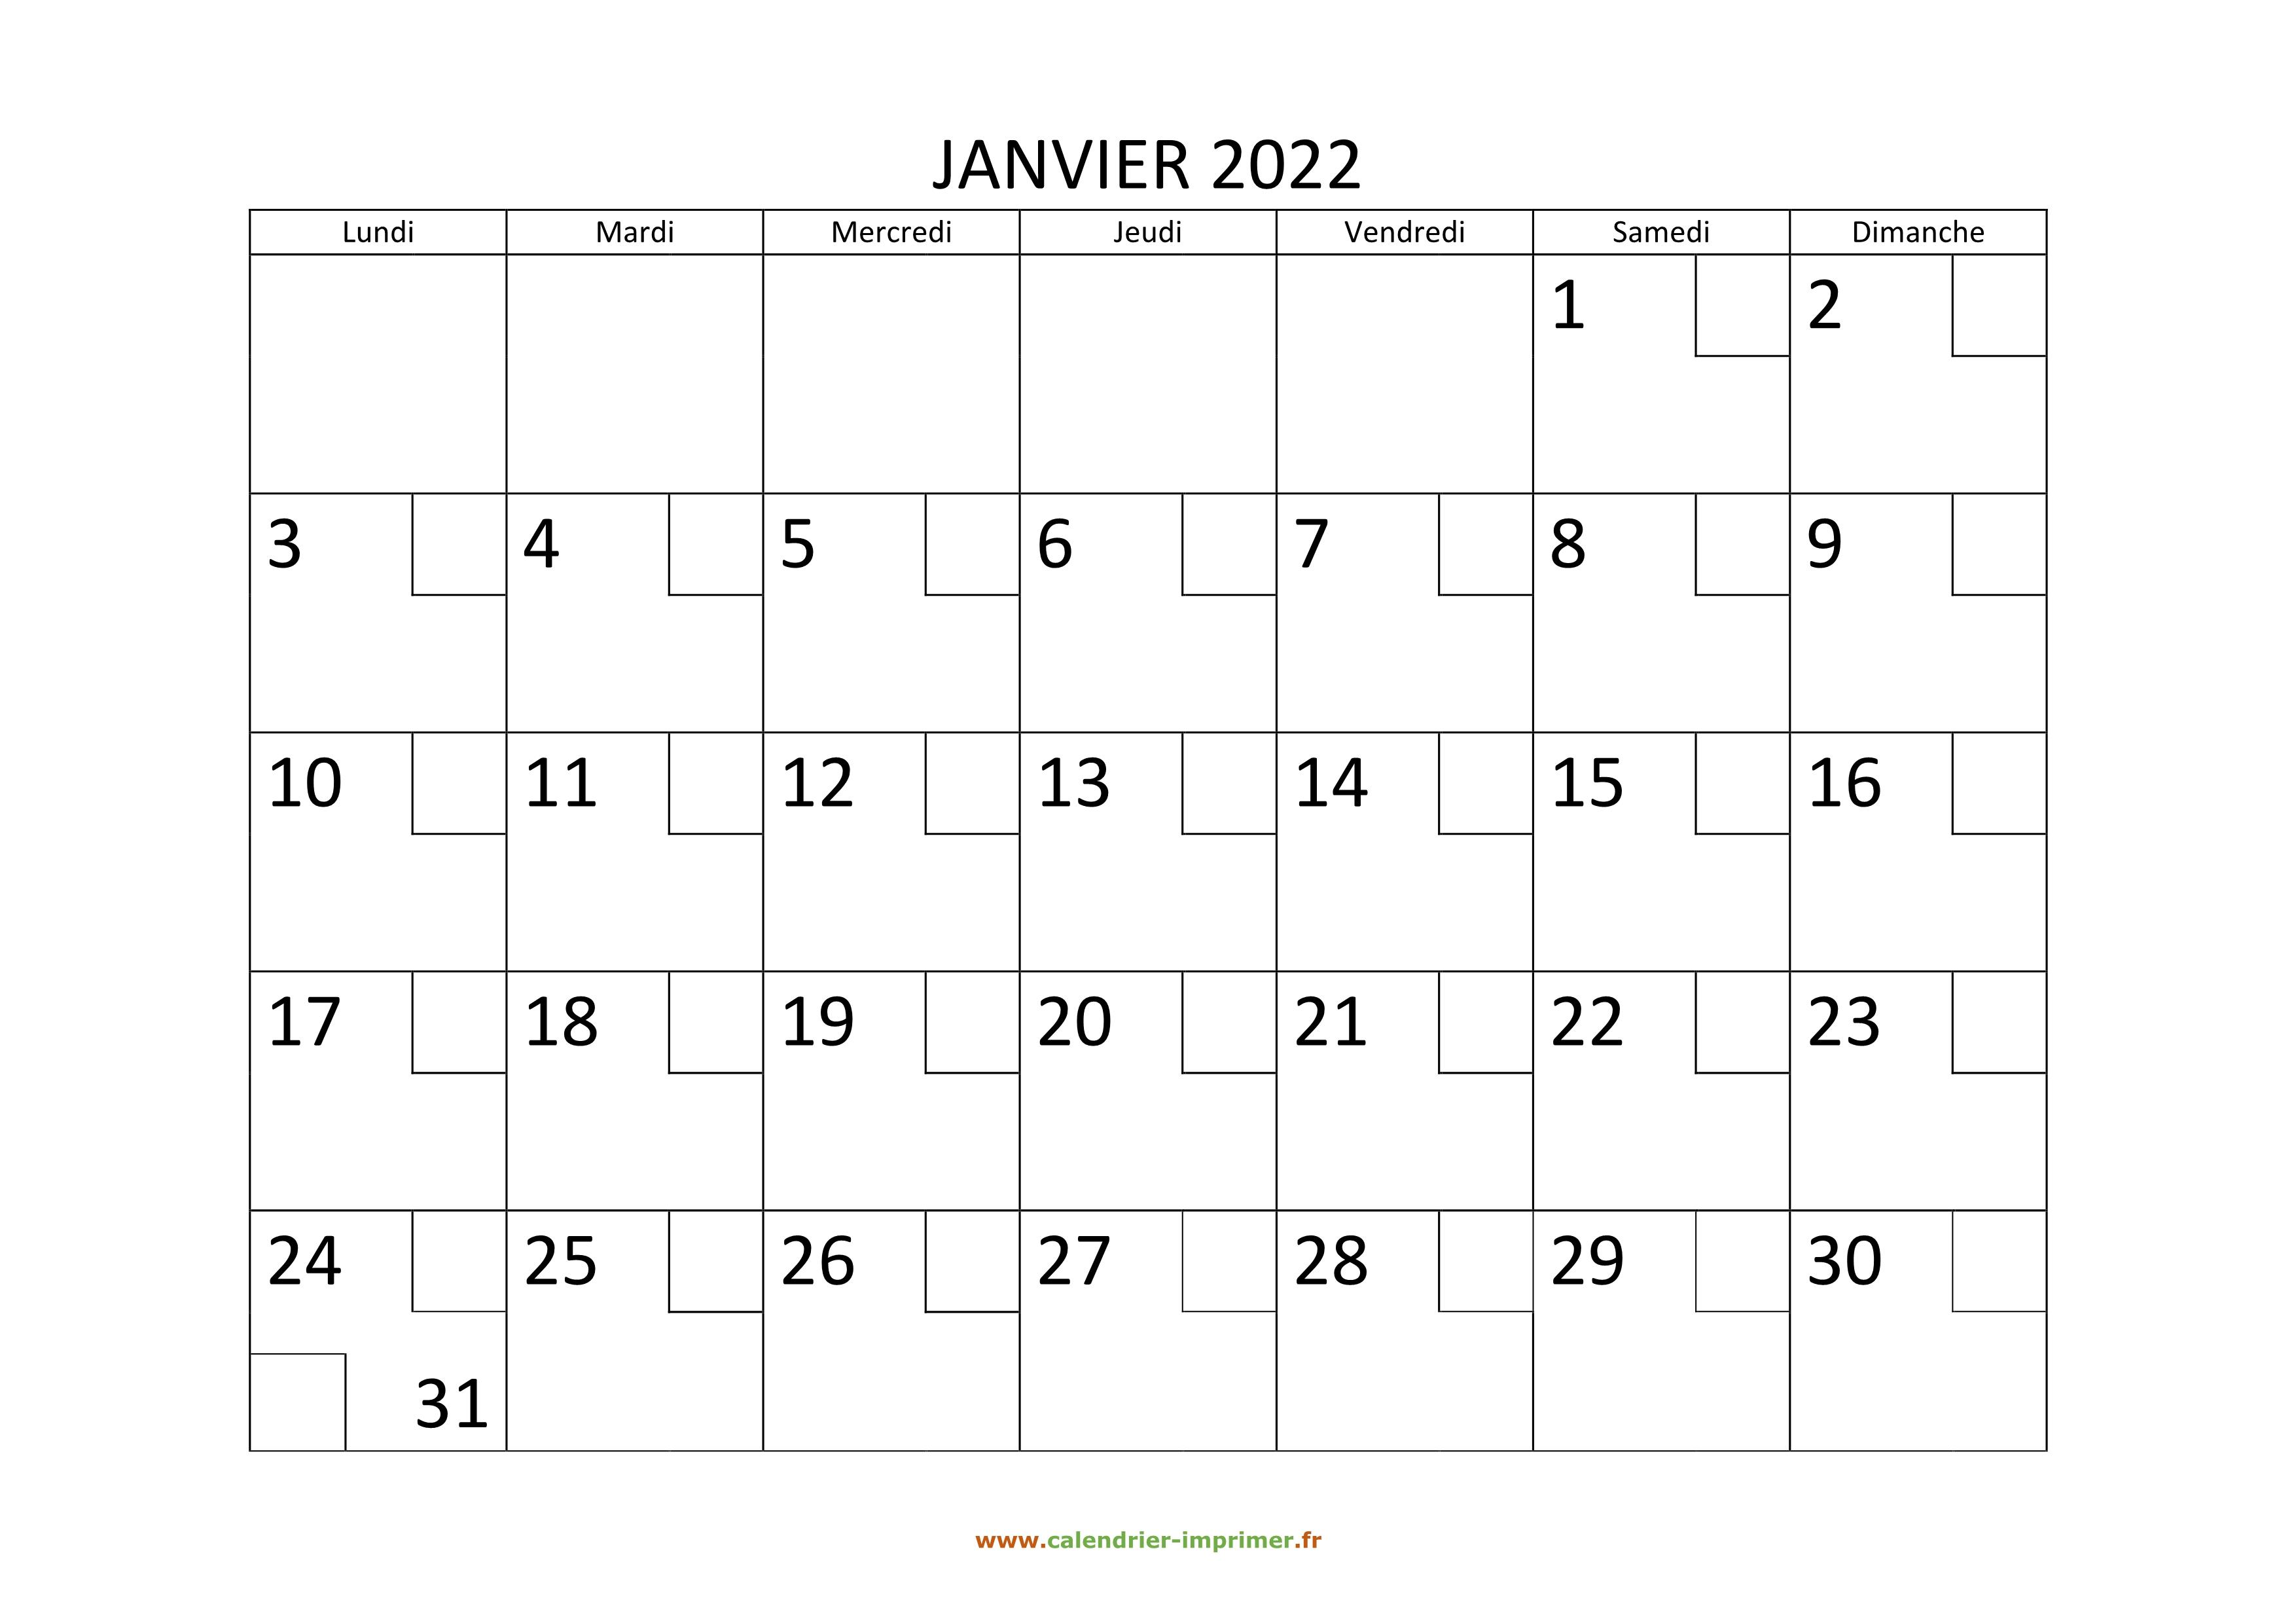 Calendrier 2022 Mensuel Excel Calendrier 2022 à imprimer gratuit